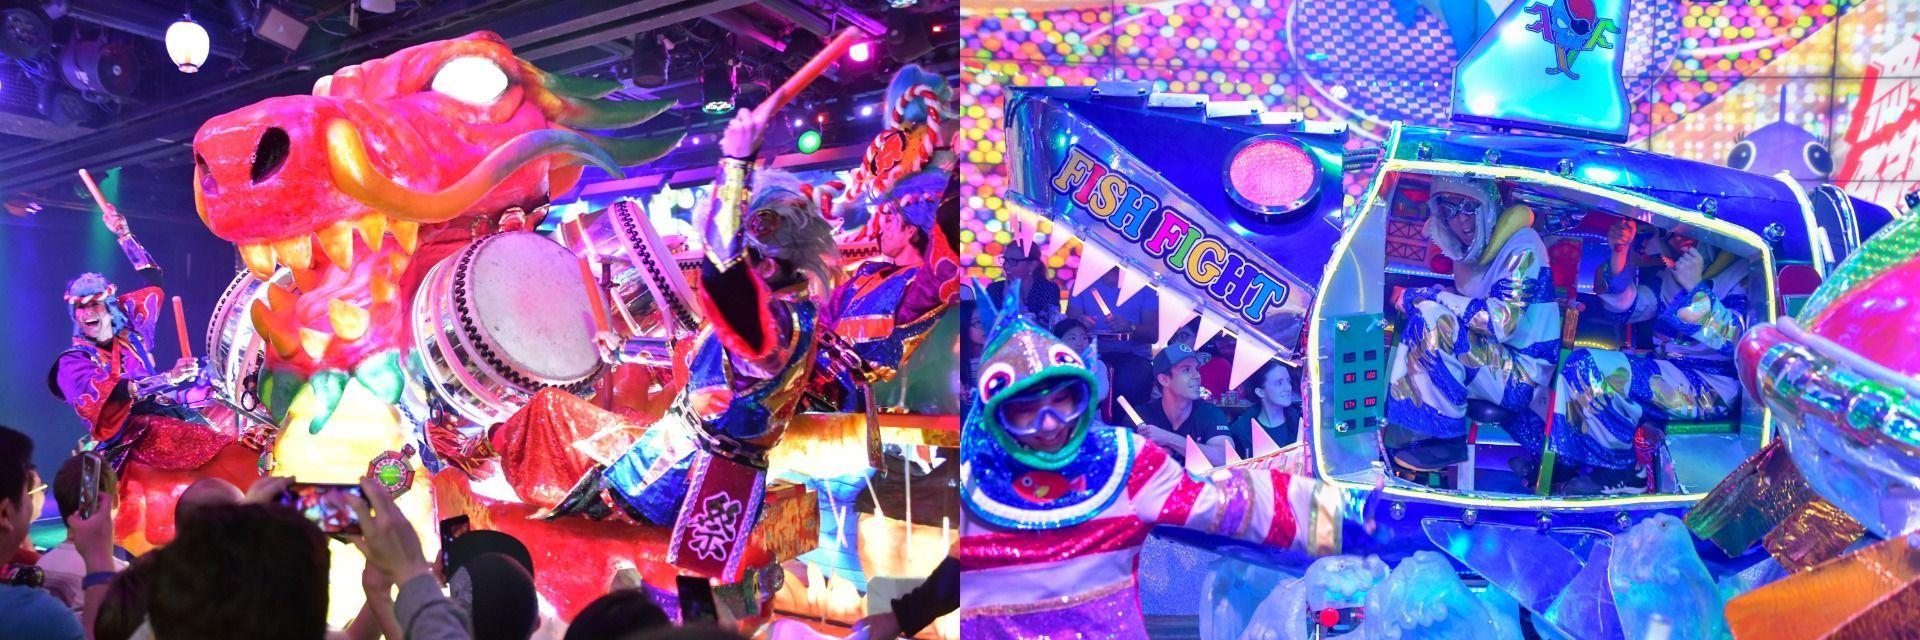 Robot Restaurant the New Landmark for Entertainment in Shinjuku